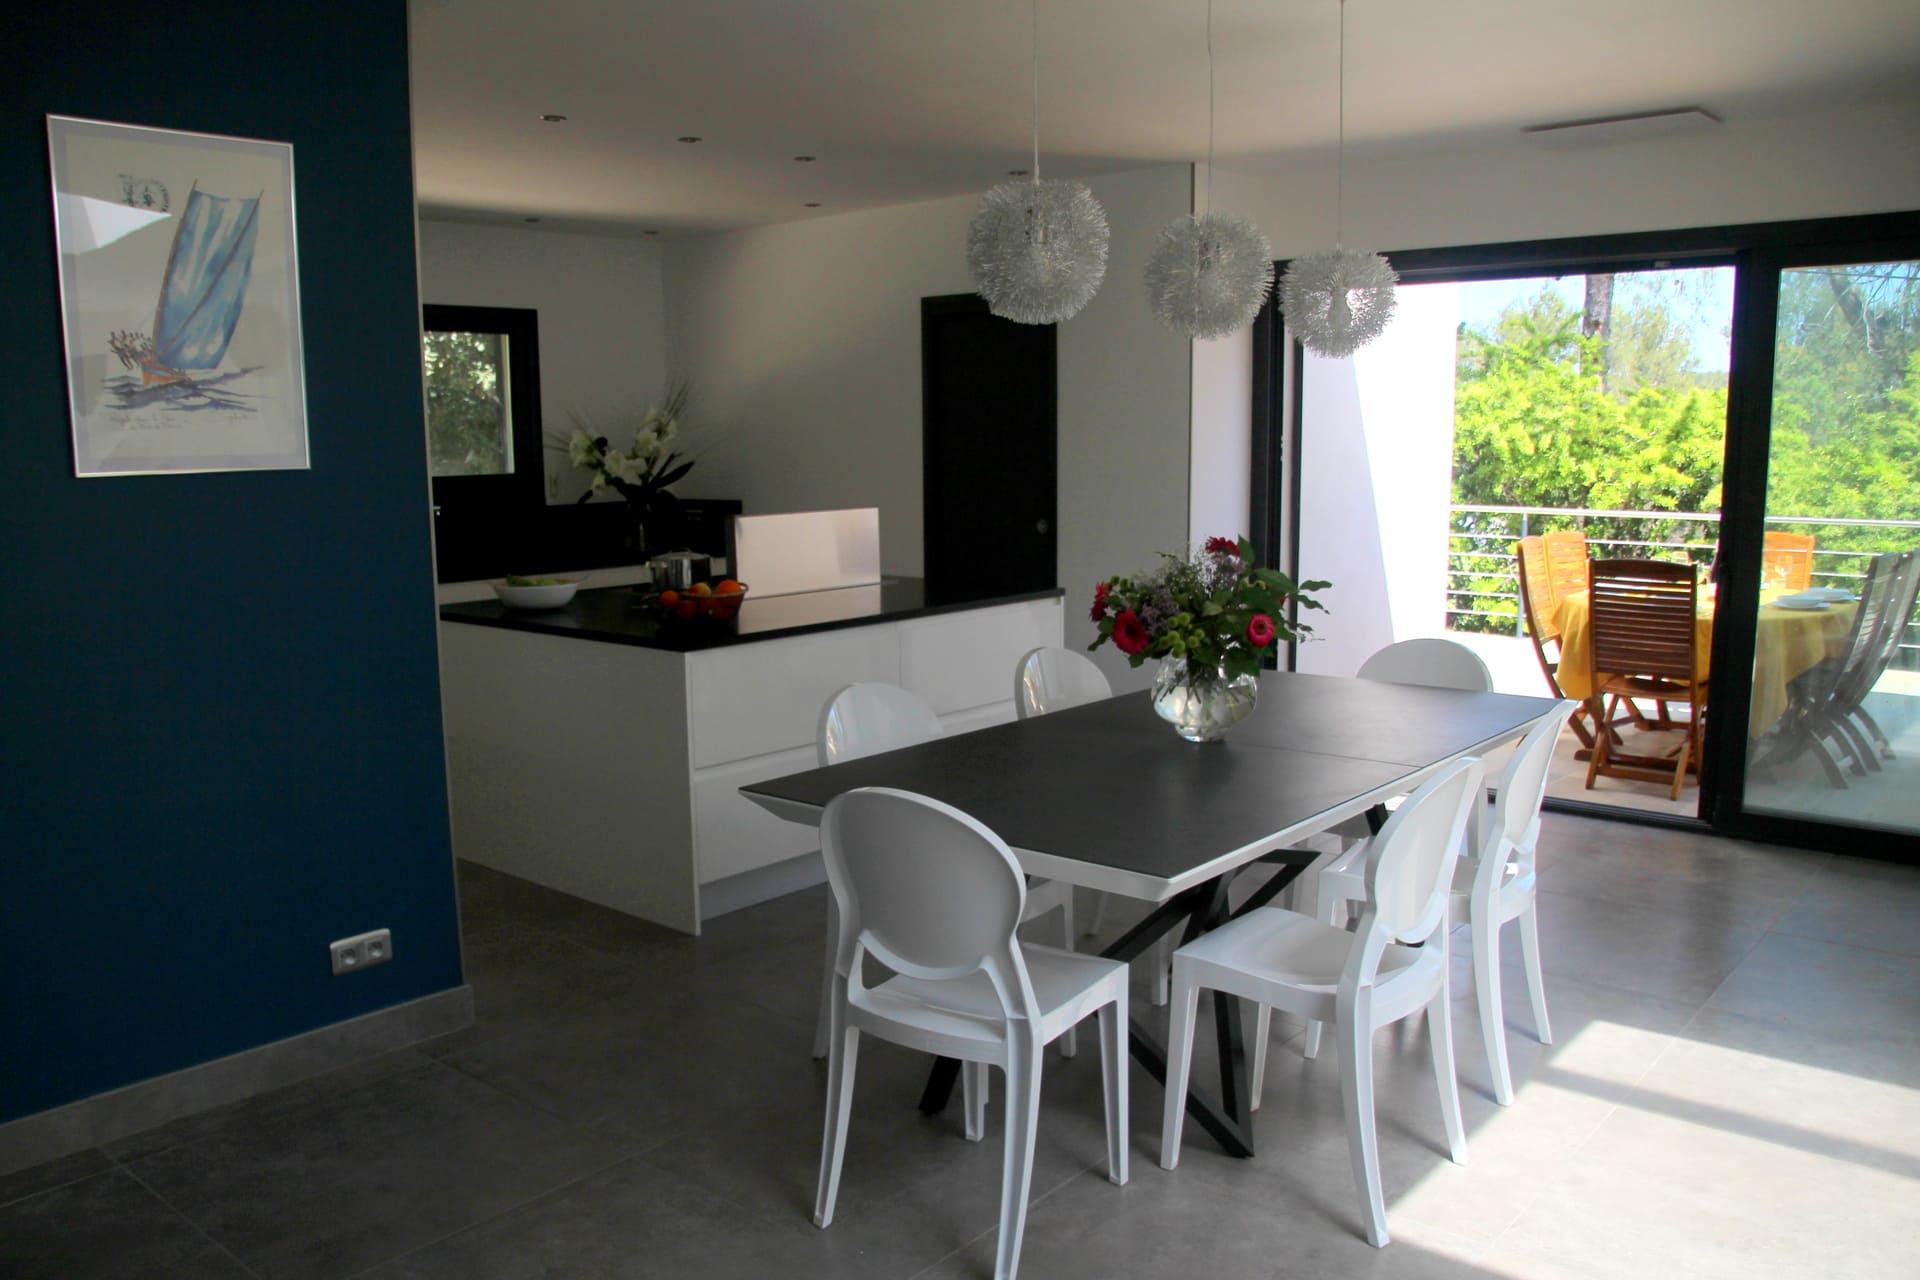 séjour cuisine aménagée tous instruments séjour en famille location saisonnière villa de standing proche Montpellier